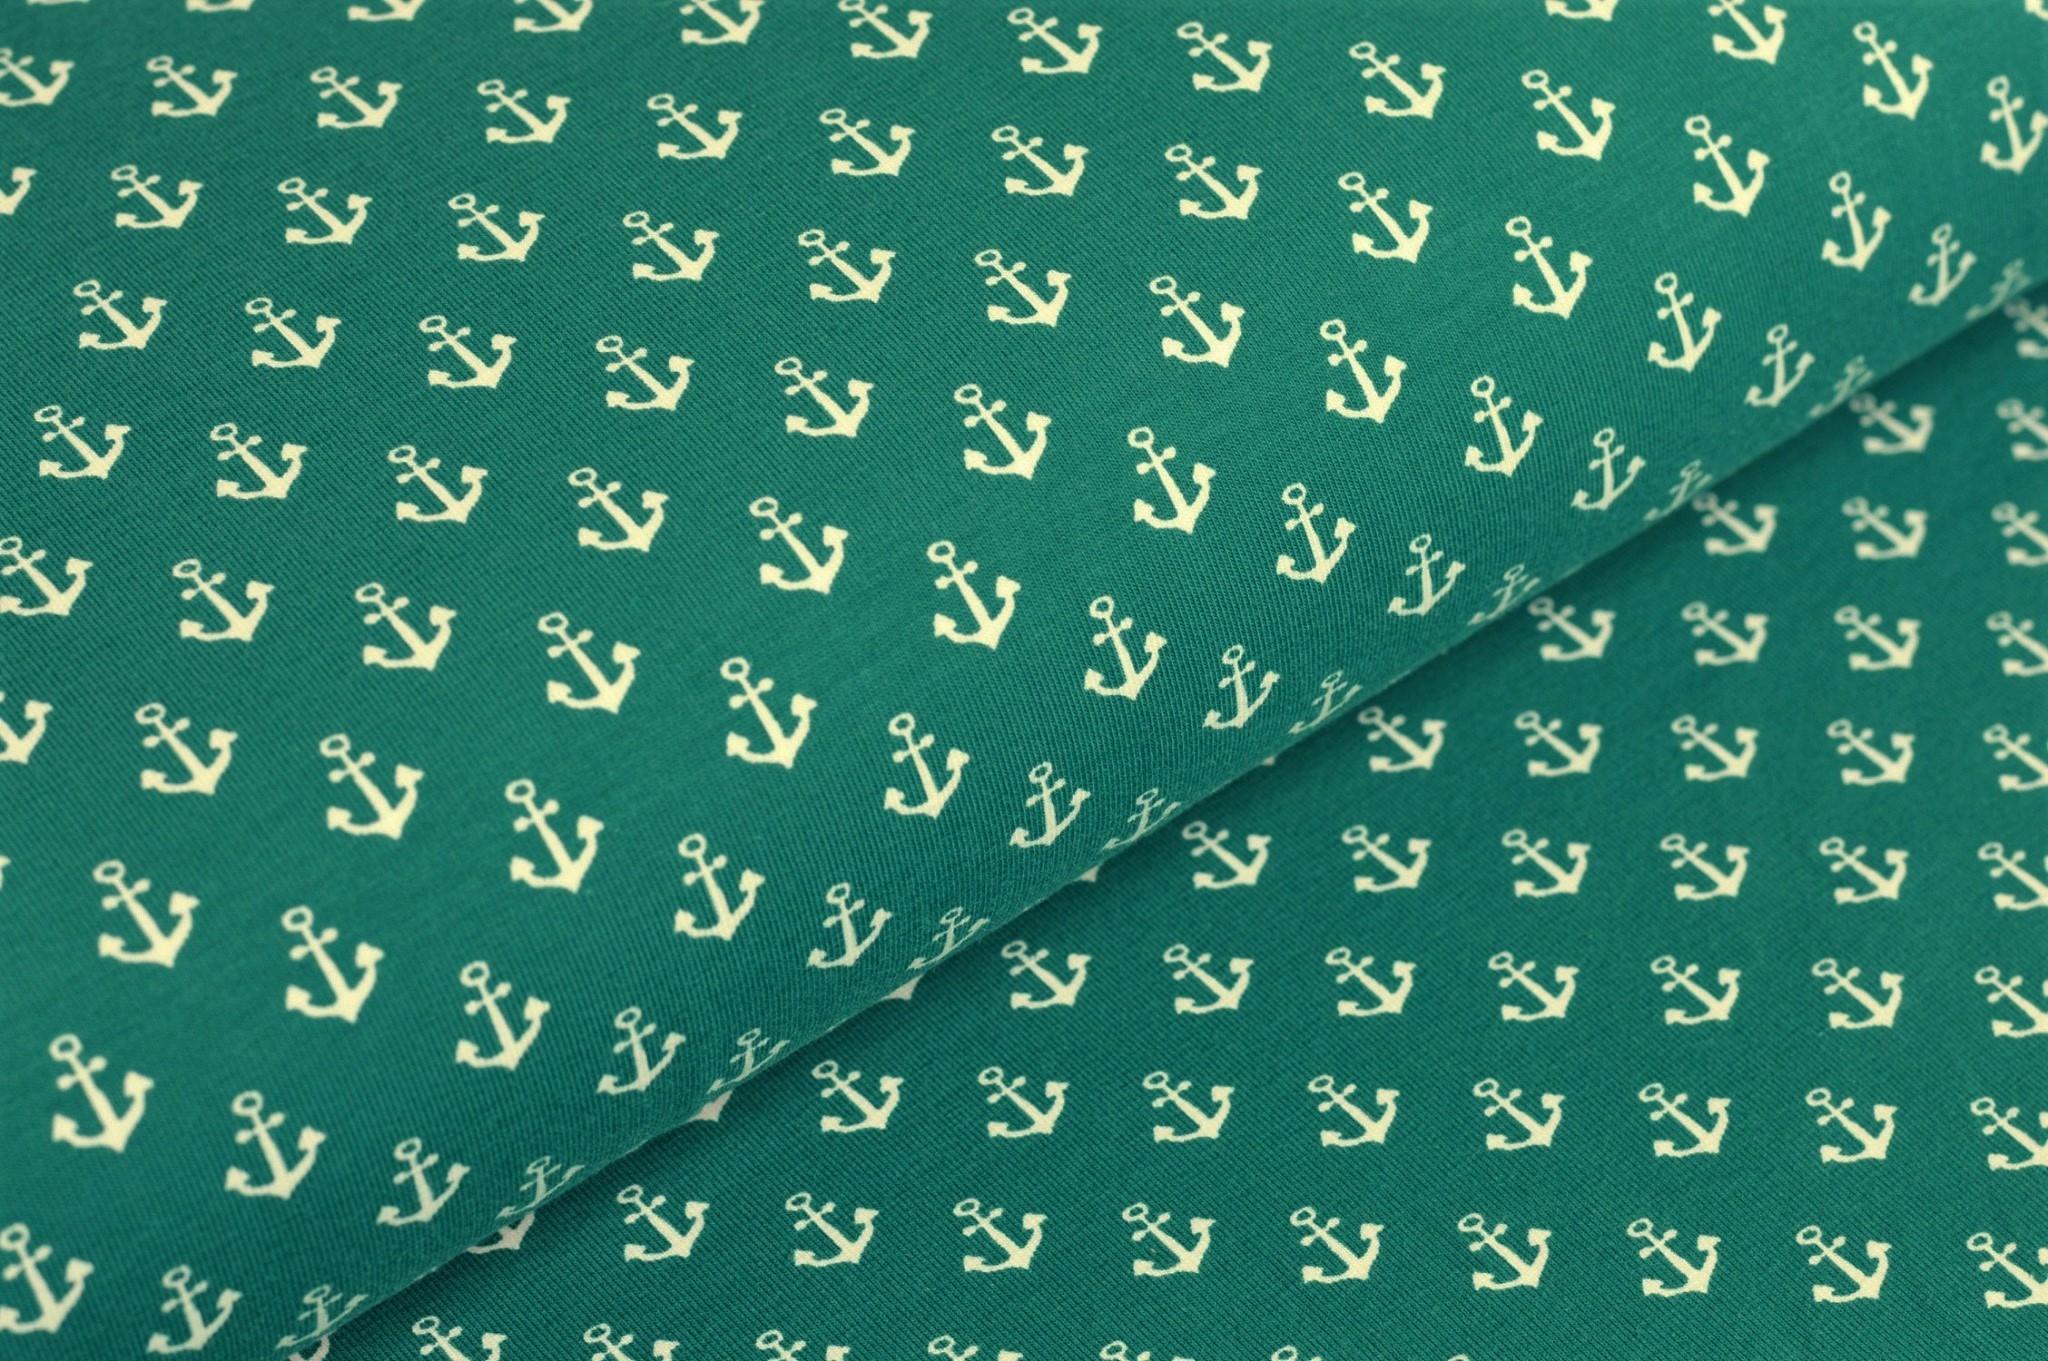 Baumwolljersey dunkelgrün mit weißen Anker